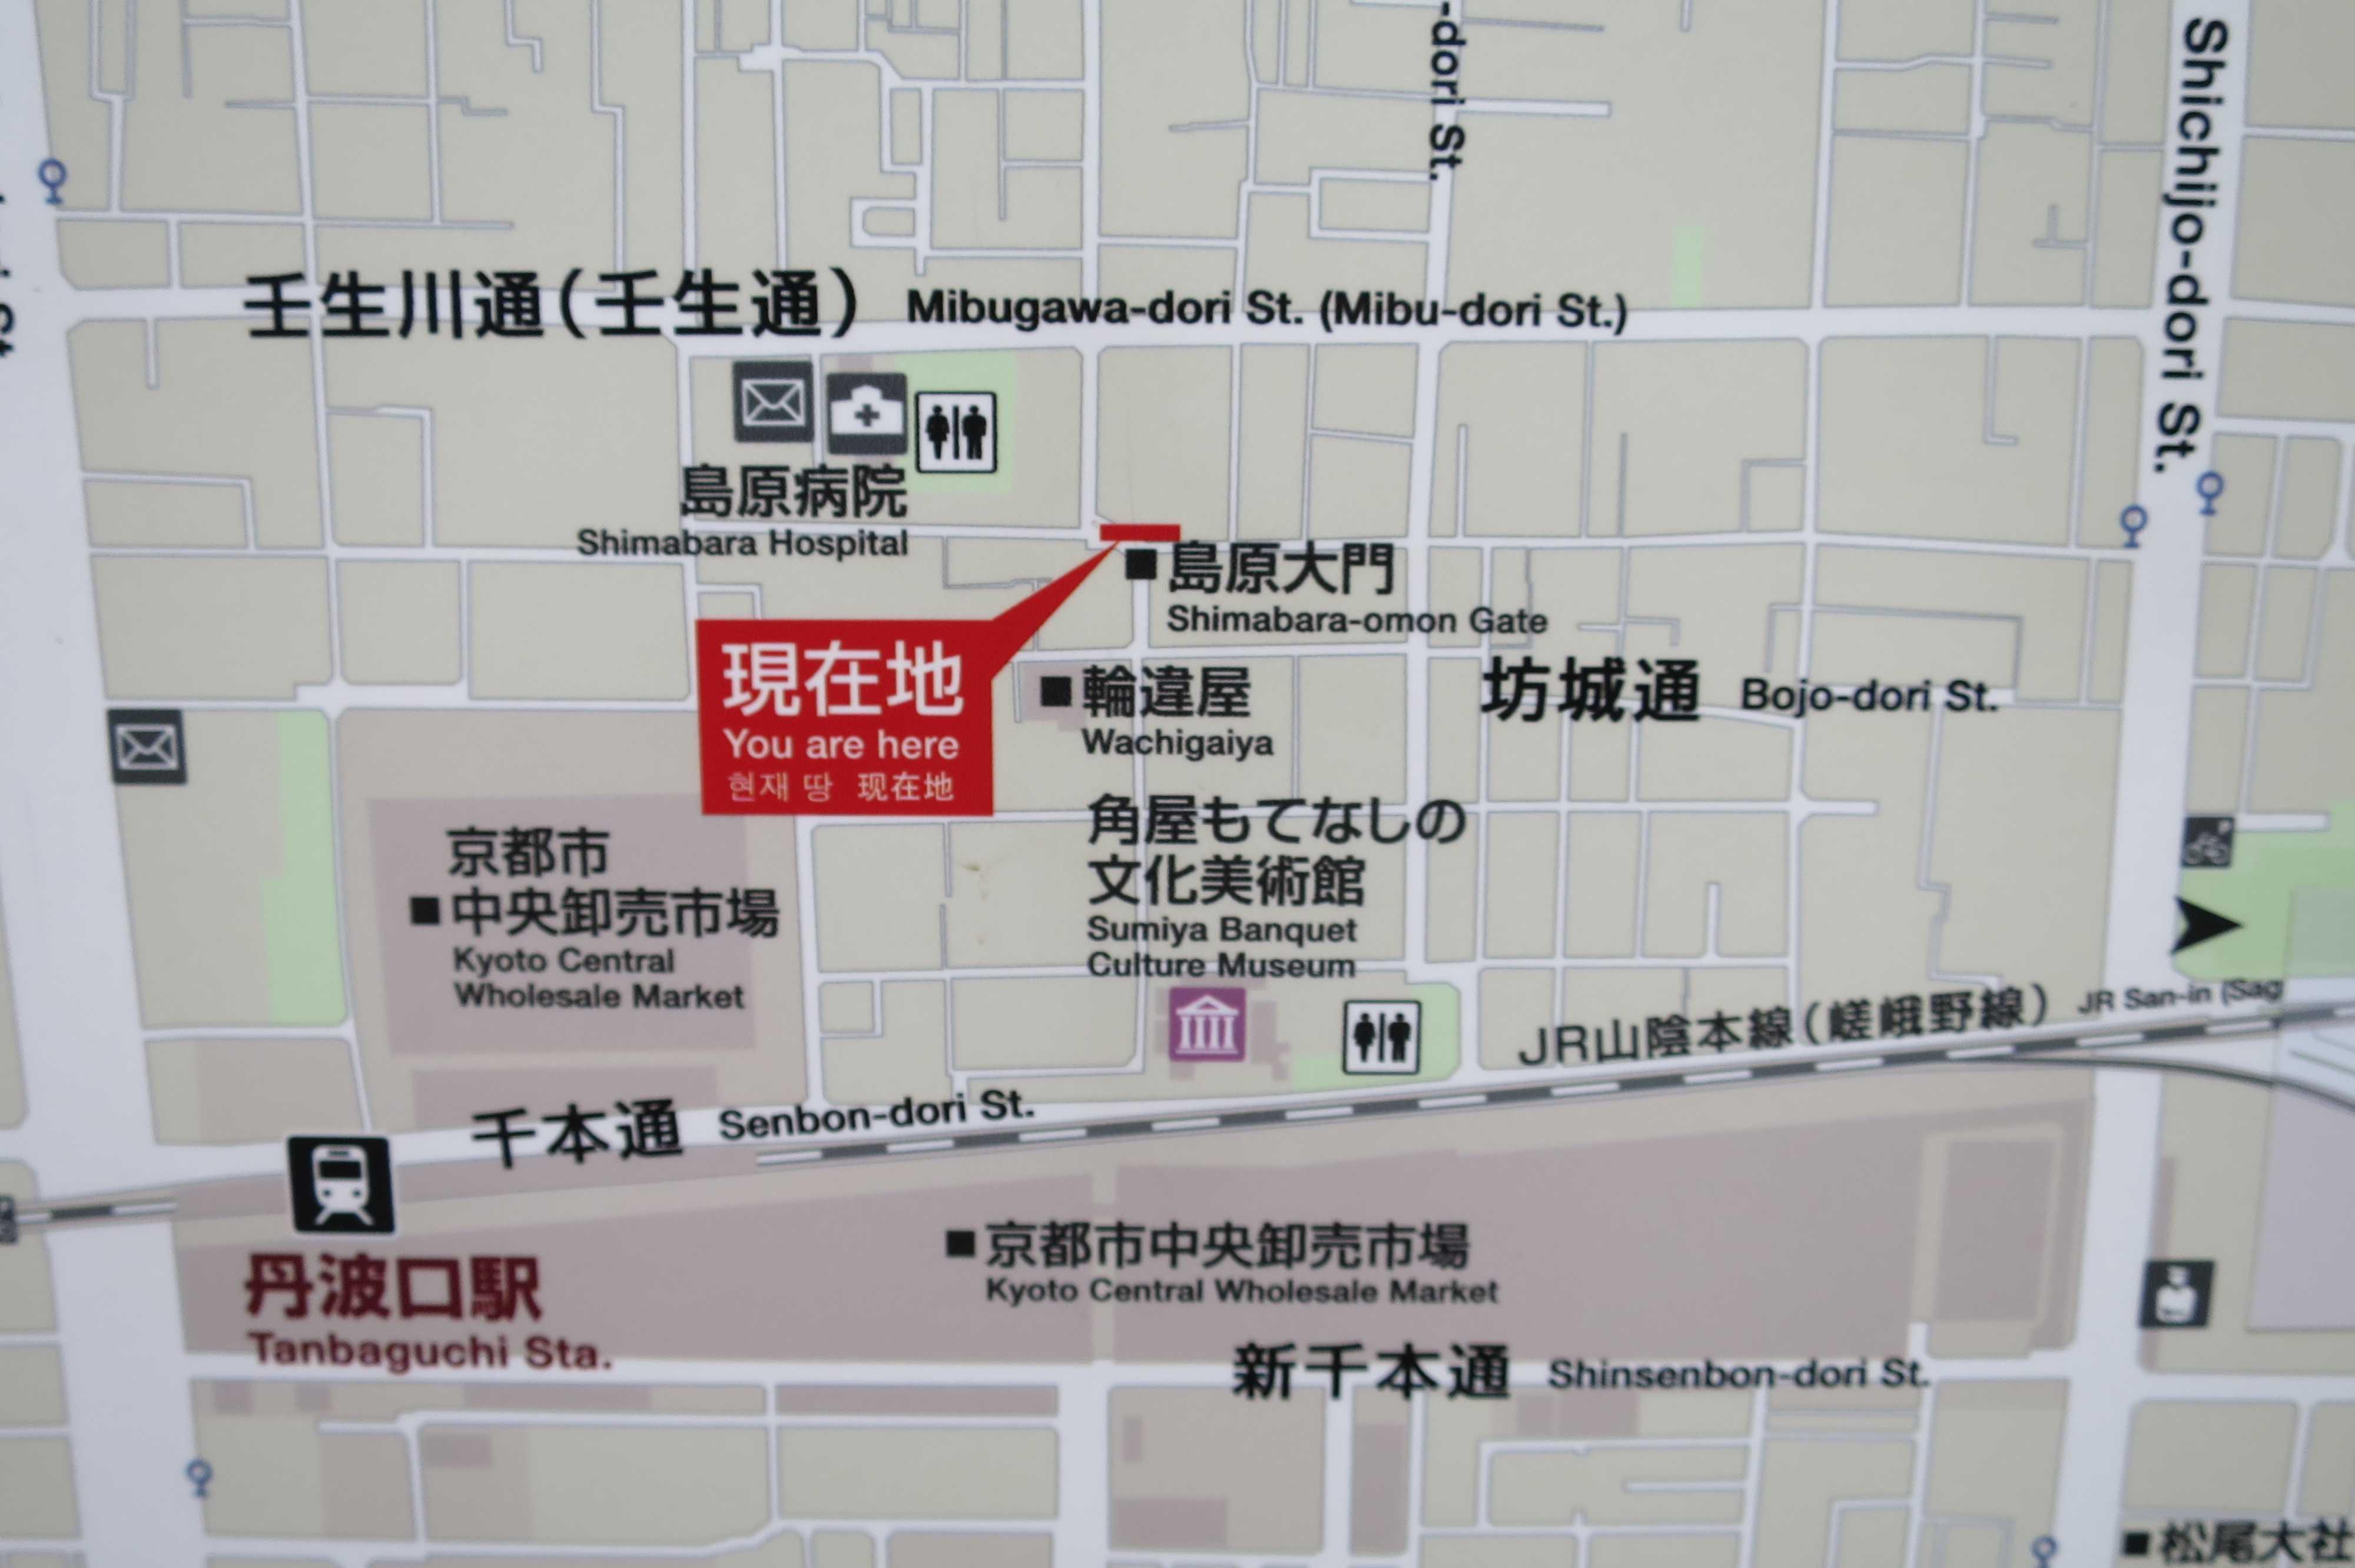 島原大門前の新しい地図